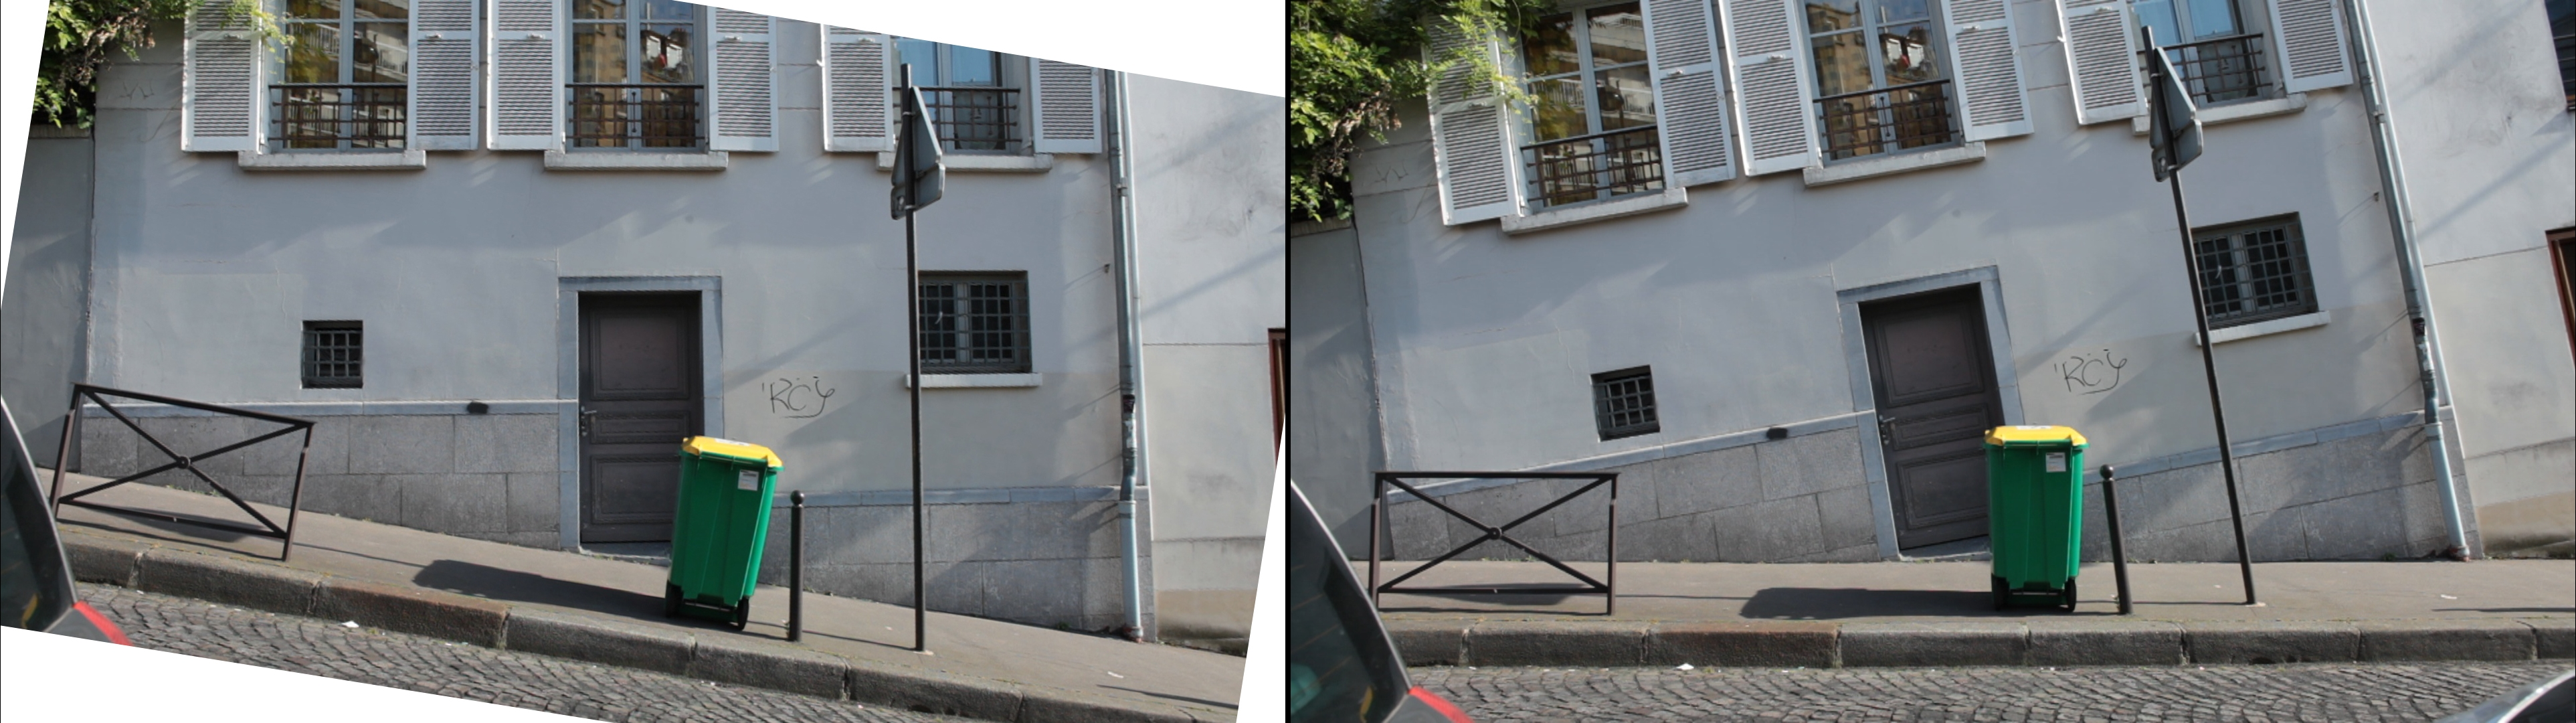 déclivité rue ravignan 75018 paris